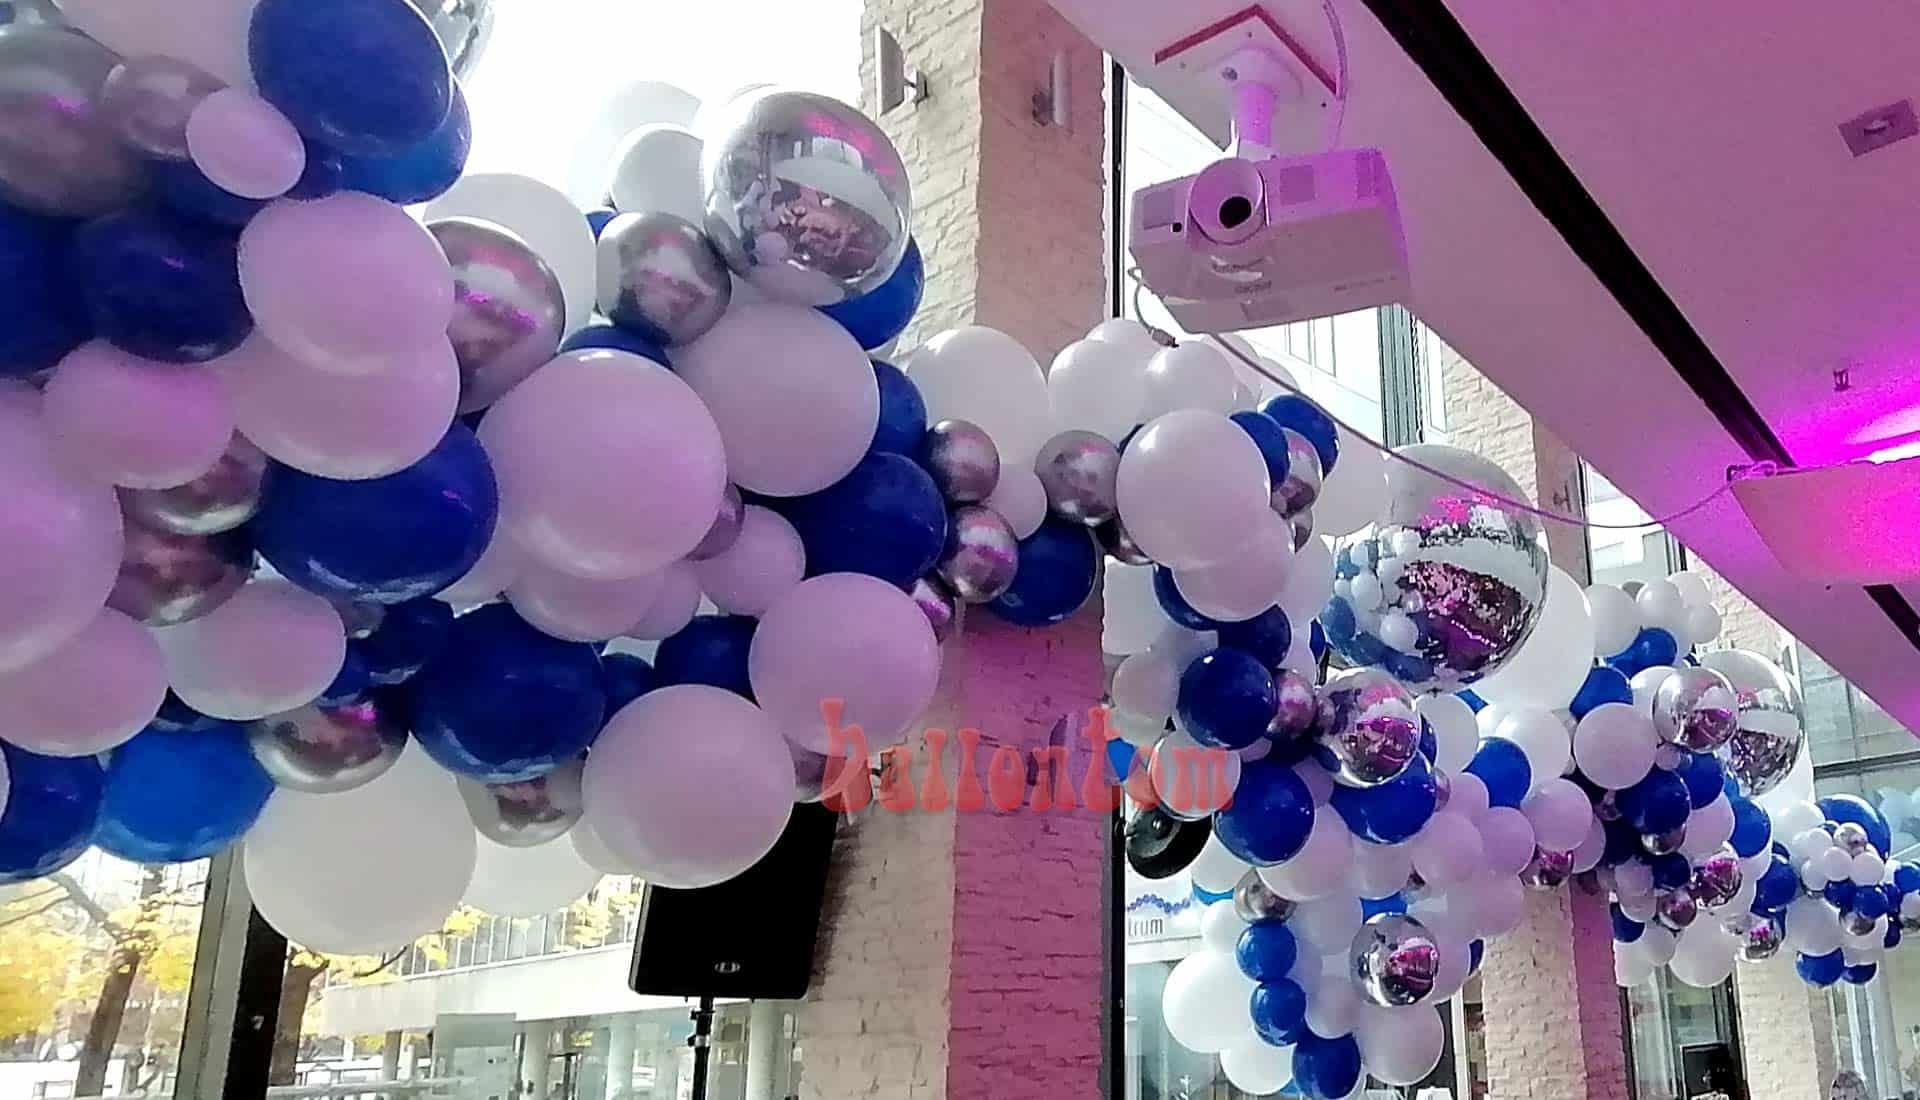 Organicballondekoration Mitarbeiterfest in der Stiglerie München -  Projekt + Durchführung von ballontom